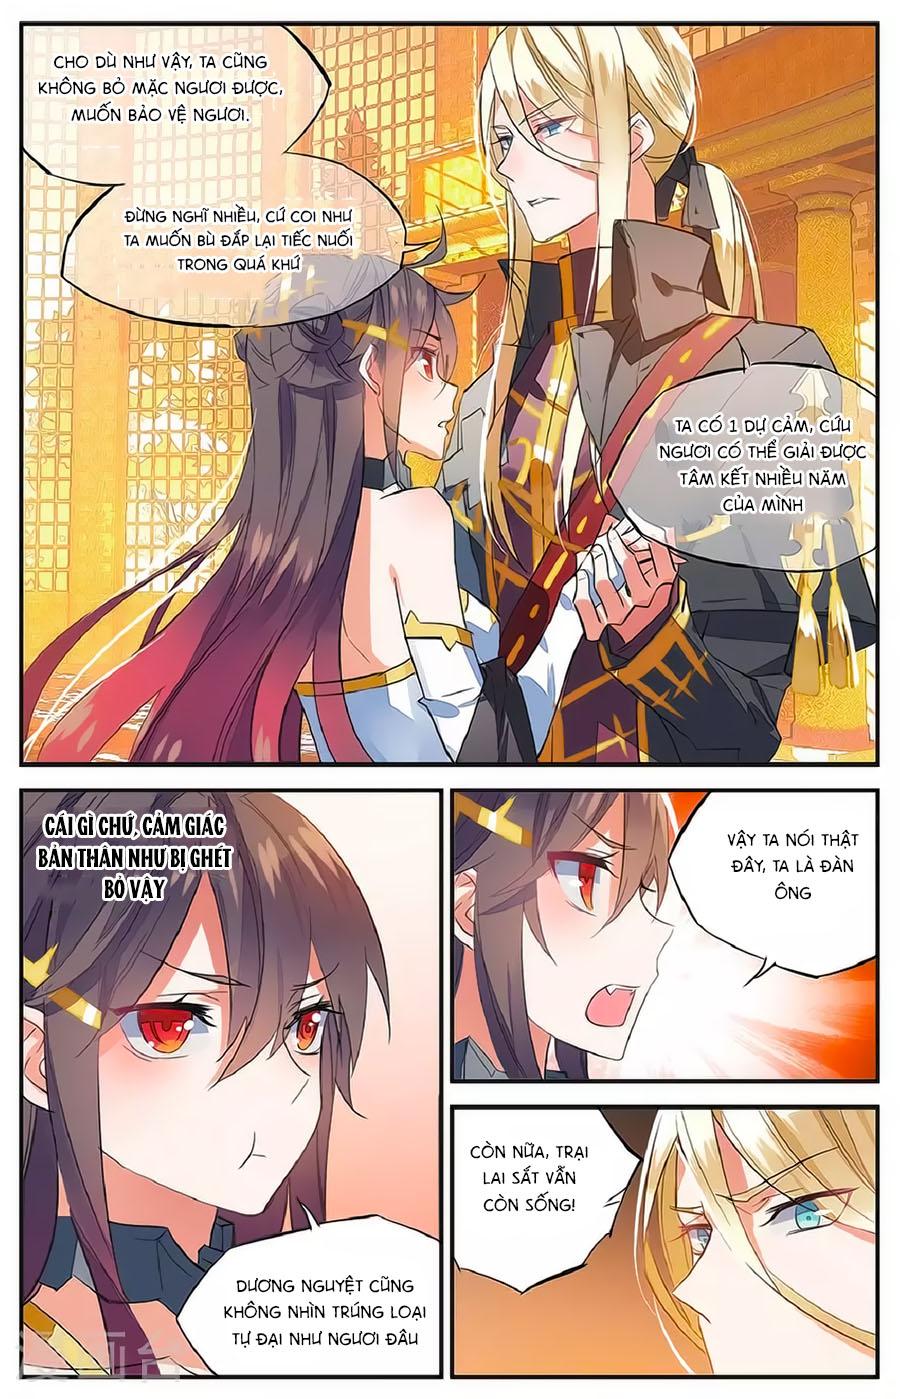 Nữ Nhân Dũng Cảm chap 61 - Trang 16